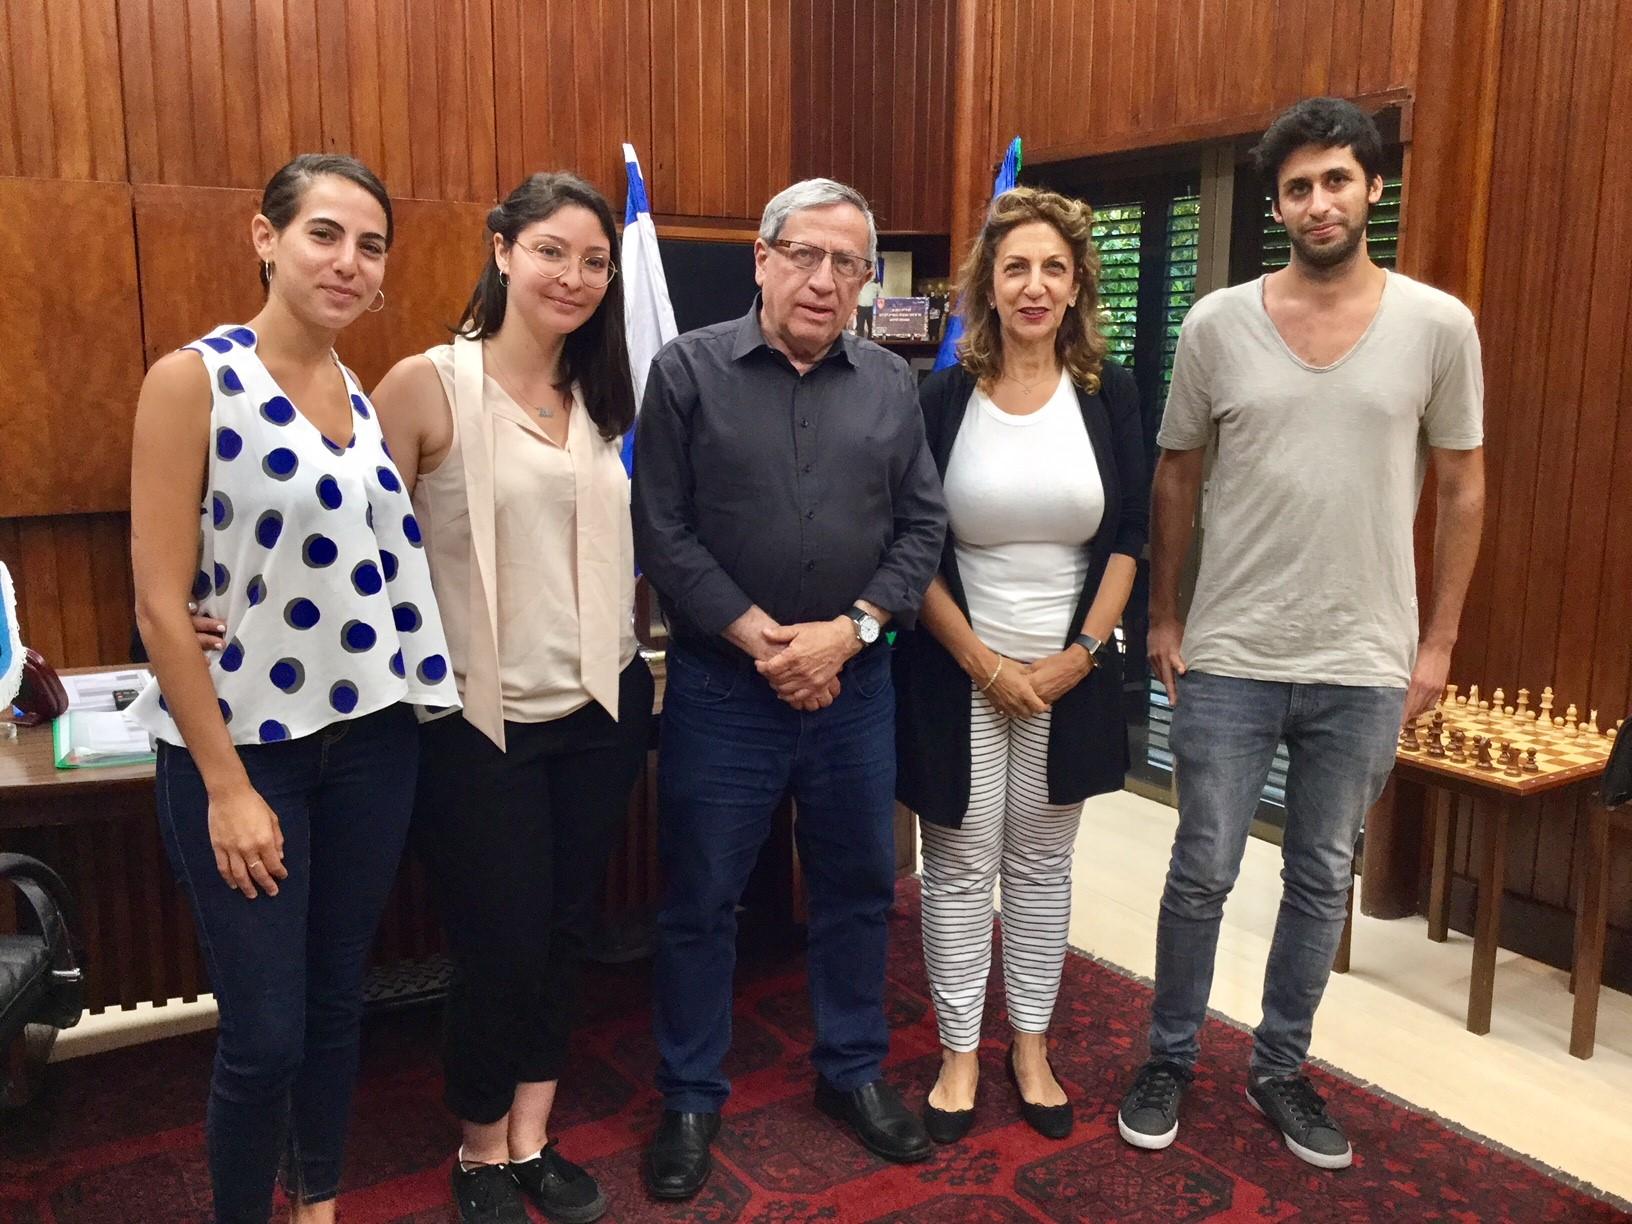 ראש עיריית רמת גן עם חברי המשלחת, צילום: באדיבות דוברות עיריית רמת גן